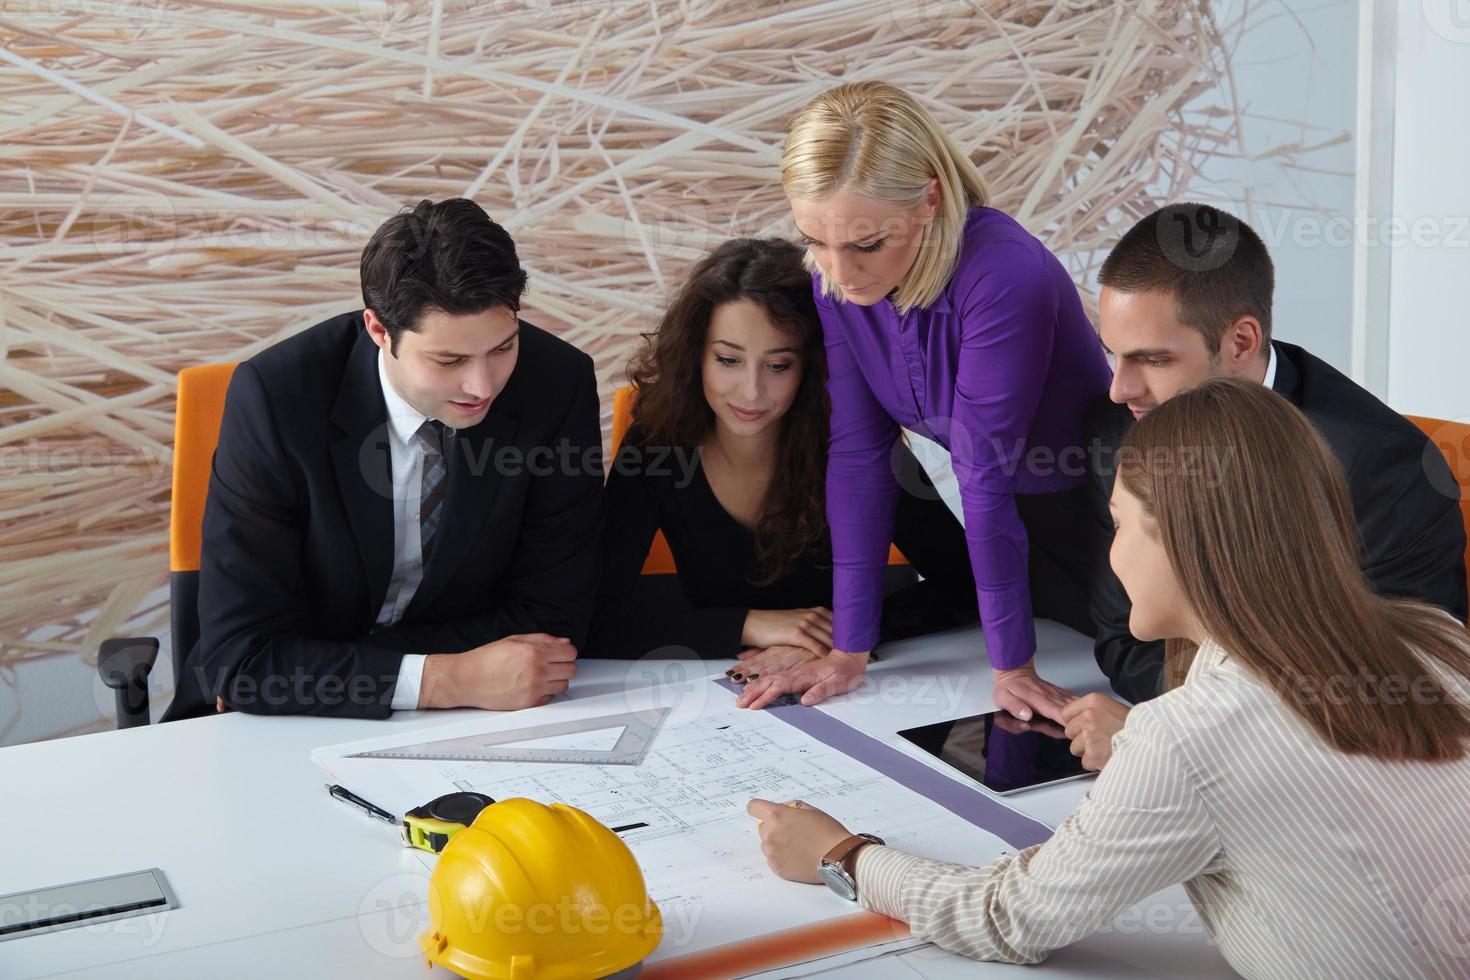 architecten bespreken foto